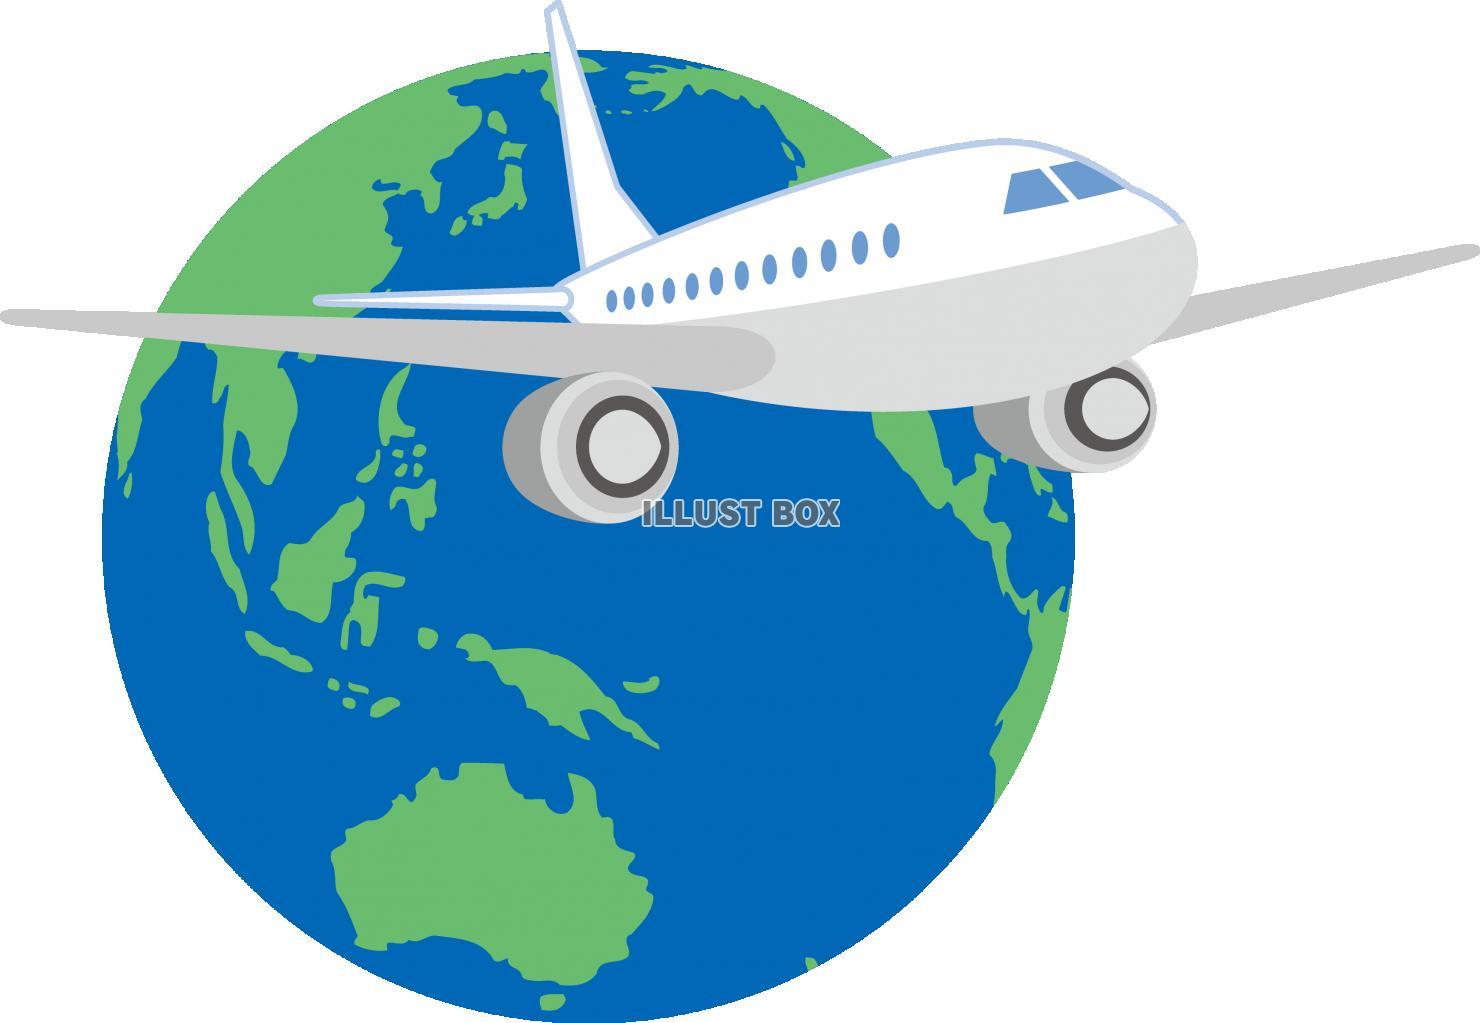 無料イラスト 地球 飛行機 ジェット機